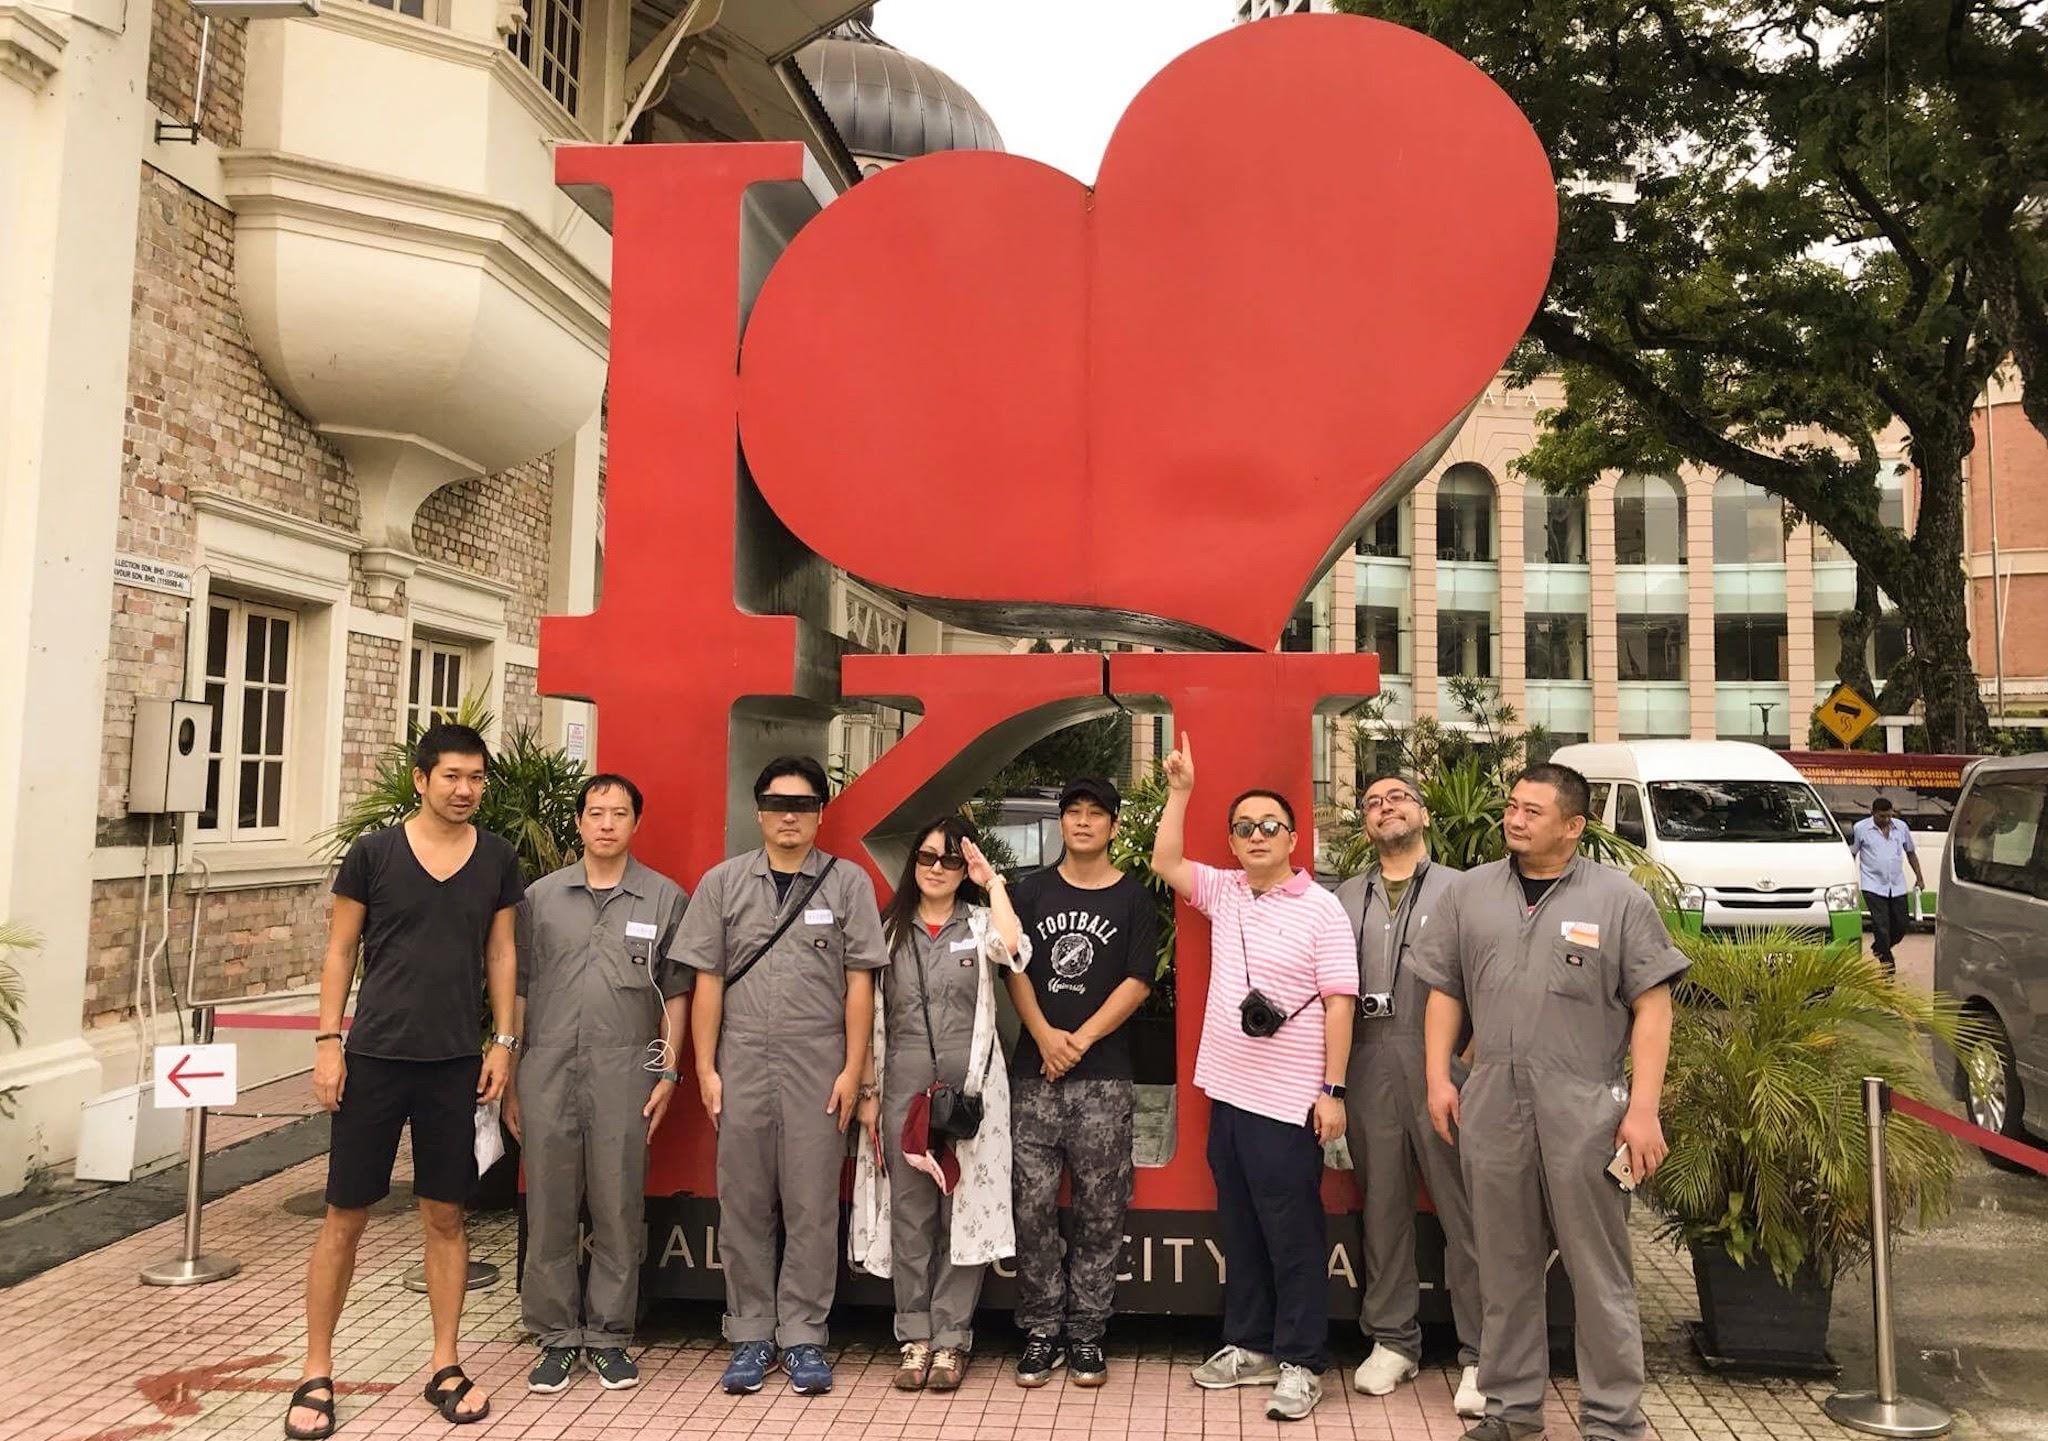 クアラルンプール旅行記 マレーシア旅行ブログ グルメ